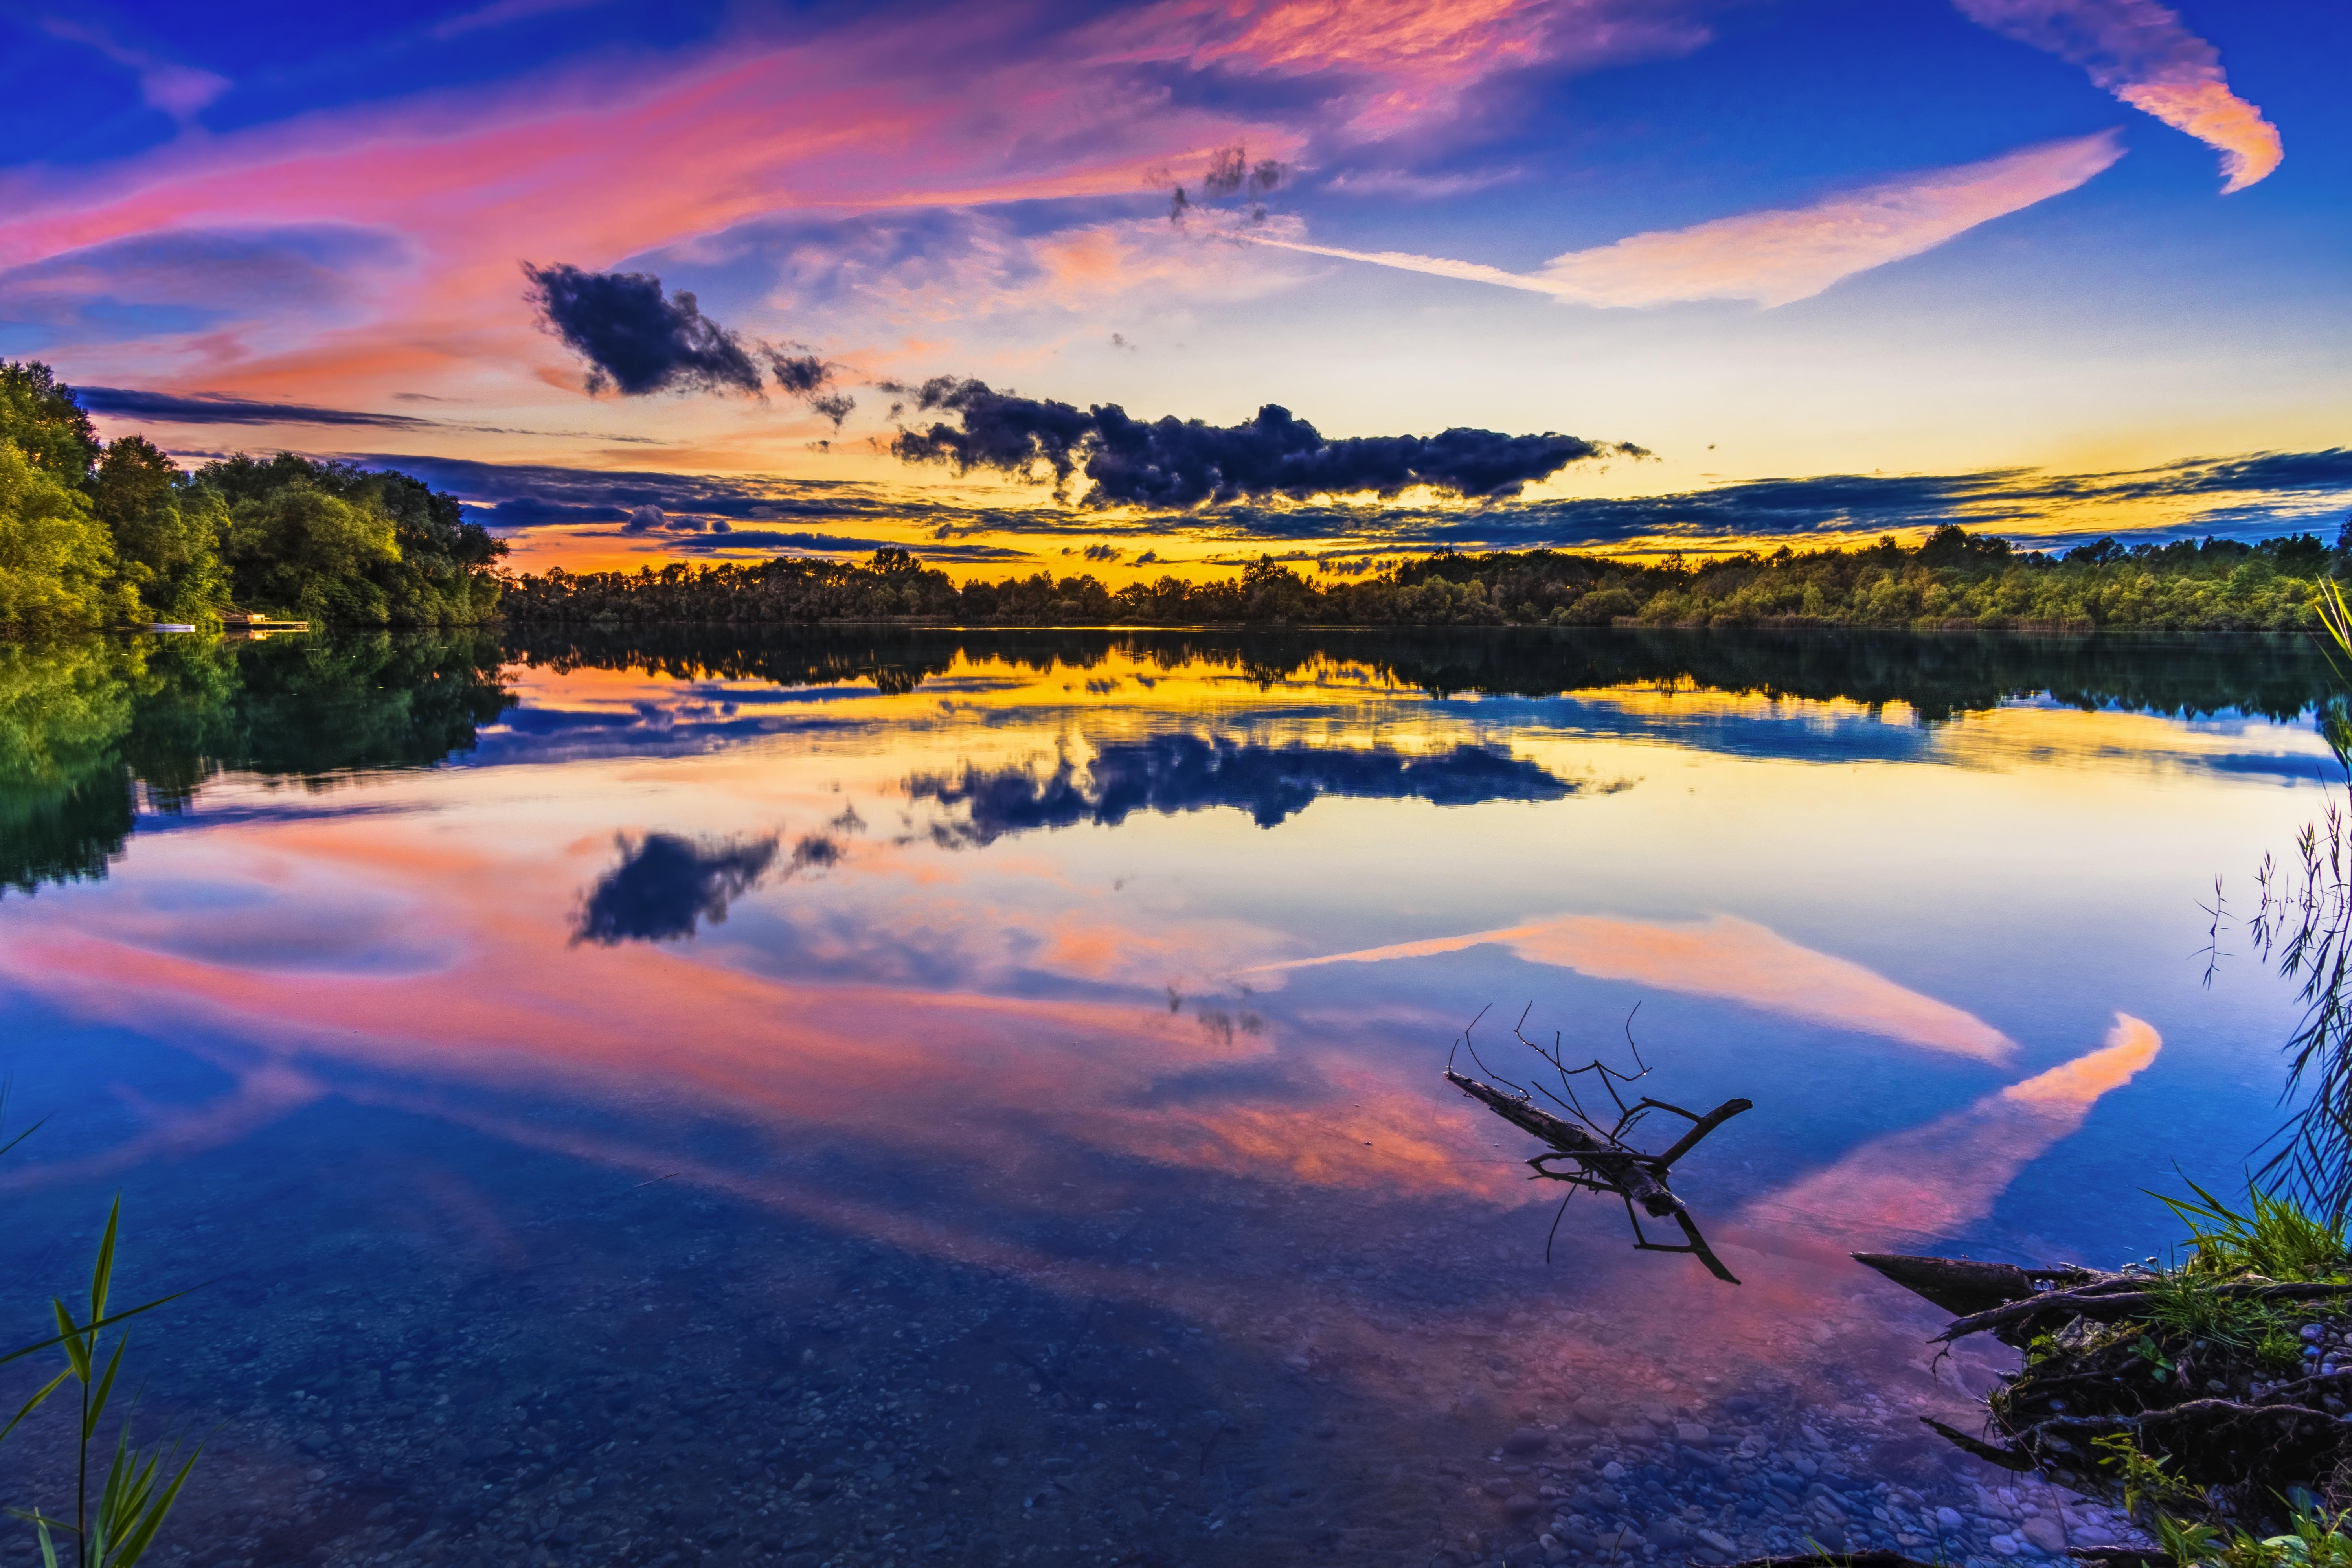 無料画像 自然 空 雲 反射 荒野 夜明け ロッホ 湖 貯水池 朝 湿地 雰囲気 地平線 現象 水資源 イブニング マウント風景 川 夕暮れ 日没 太陽光 国立公園 バンク コンピュータの壁紙 日の出 木 落ち着いた 山 水路 5984x39